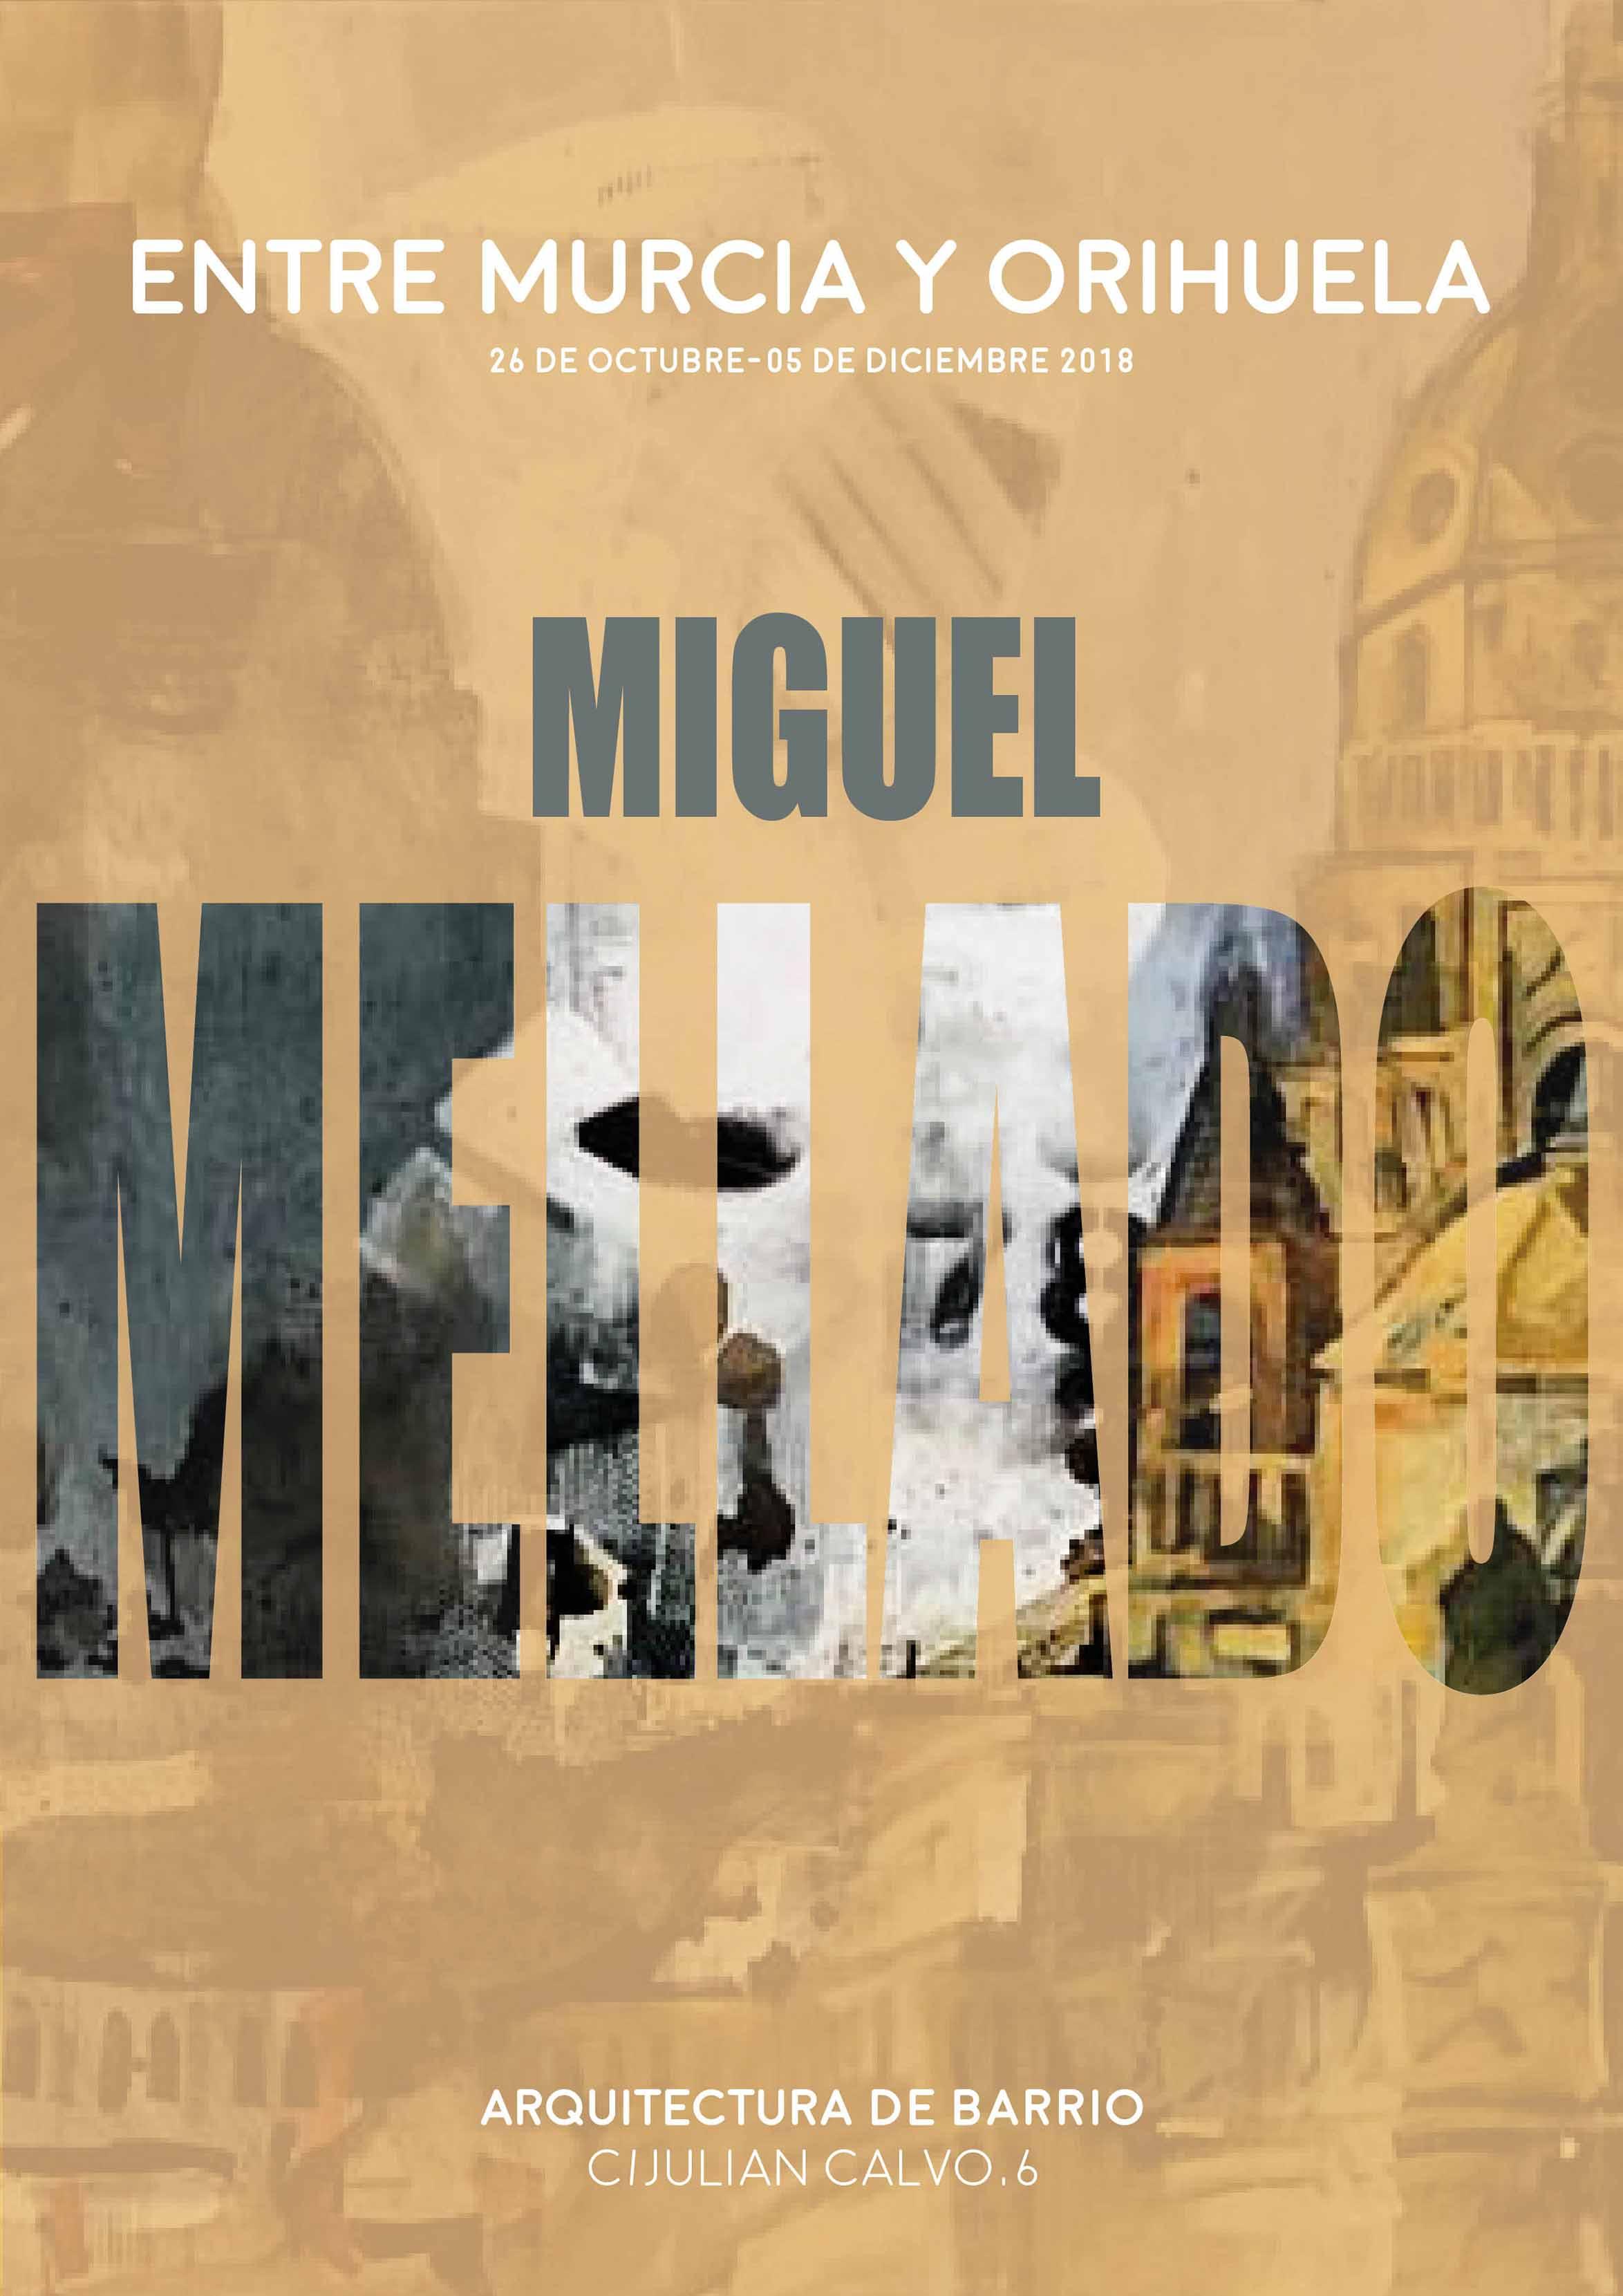 Exposiciones en Murcia. Entre Murcia y Orihuela. Miguel Mellado